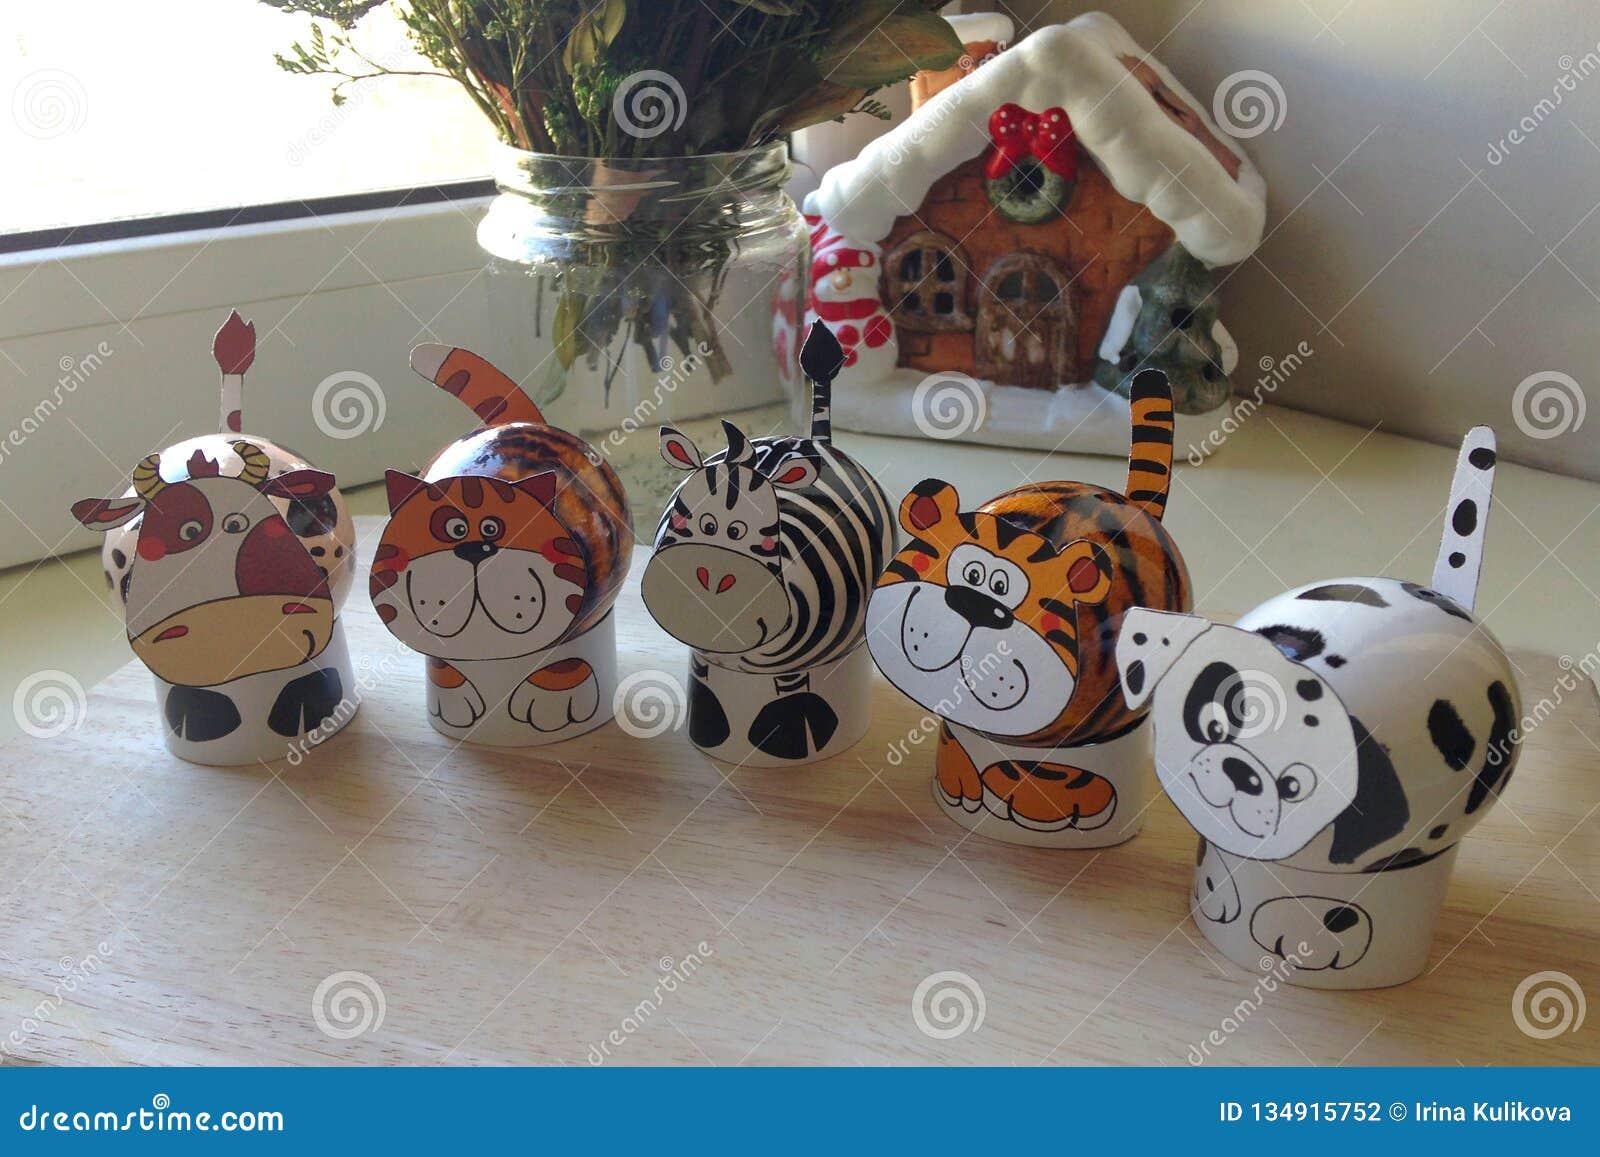 Een reeks paaseieren in de vorm van dieren op houten raad Op de achtergrond een boeket van bloemen in vaas en een huiscijfer